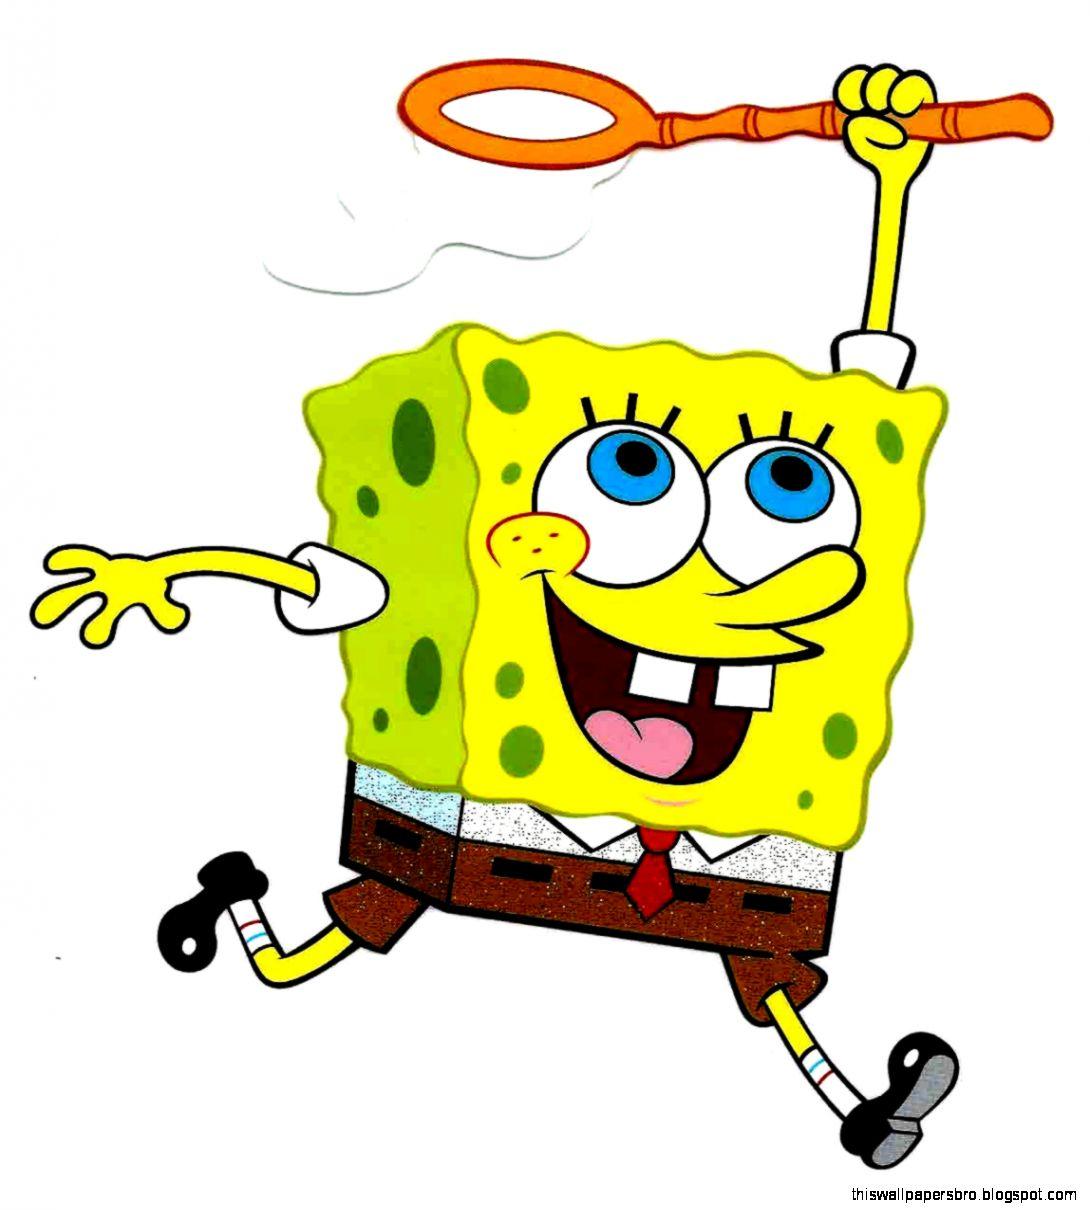 Spongebob running around 10 minutes - YouTube